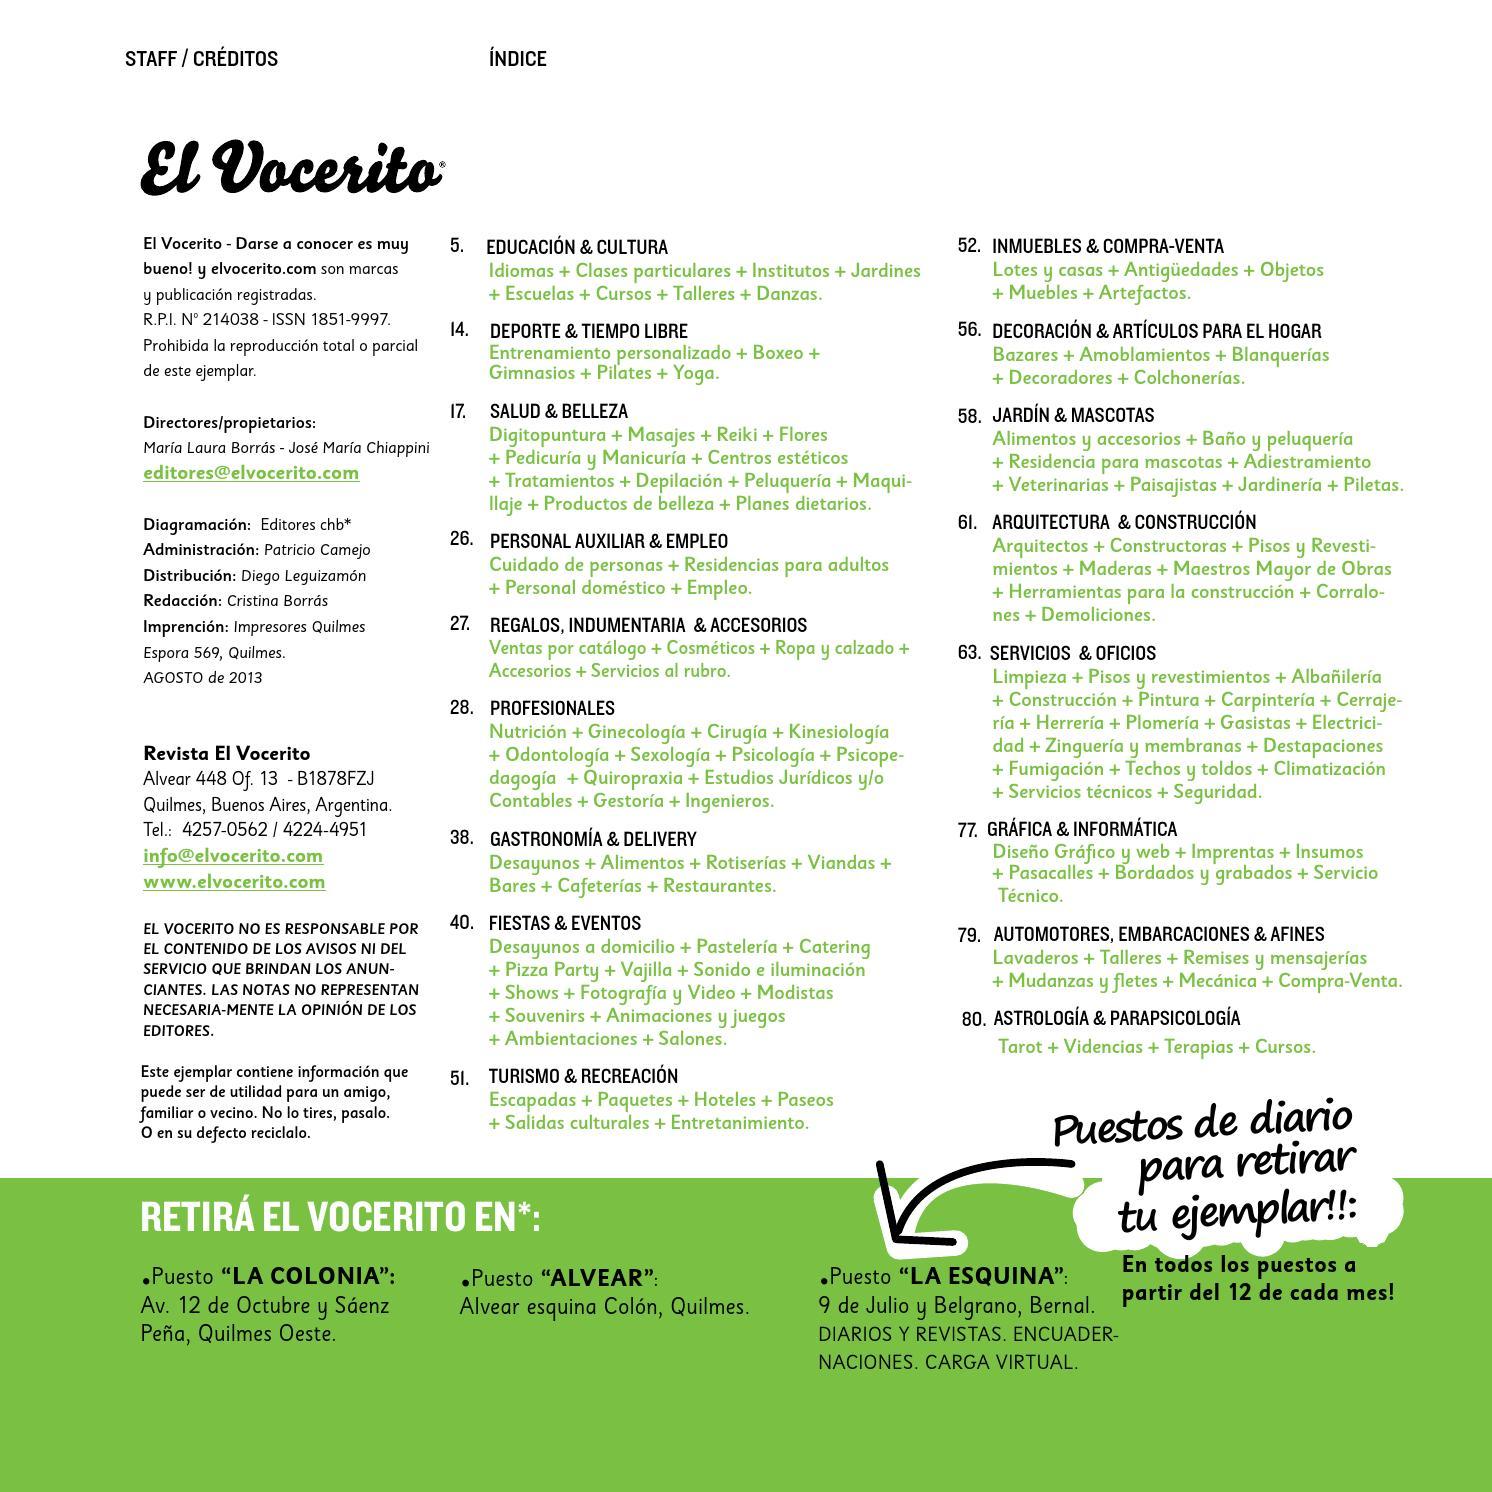 Revista El Vocerito Ed Agosto 2013 By Elvocerito Com Revista  # Muebles Kinesiologia